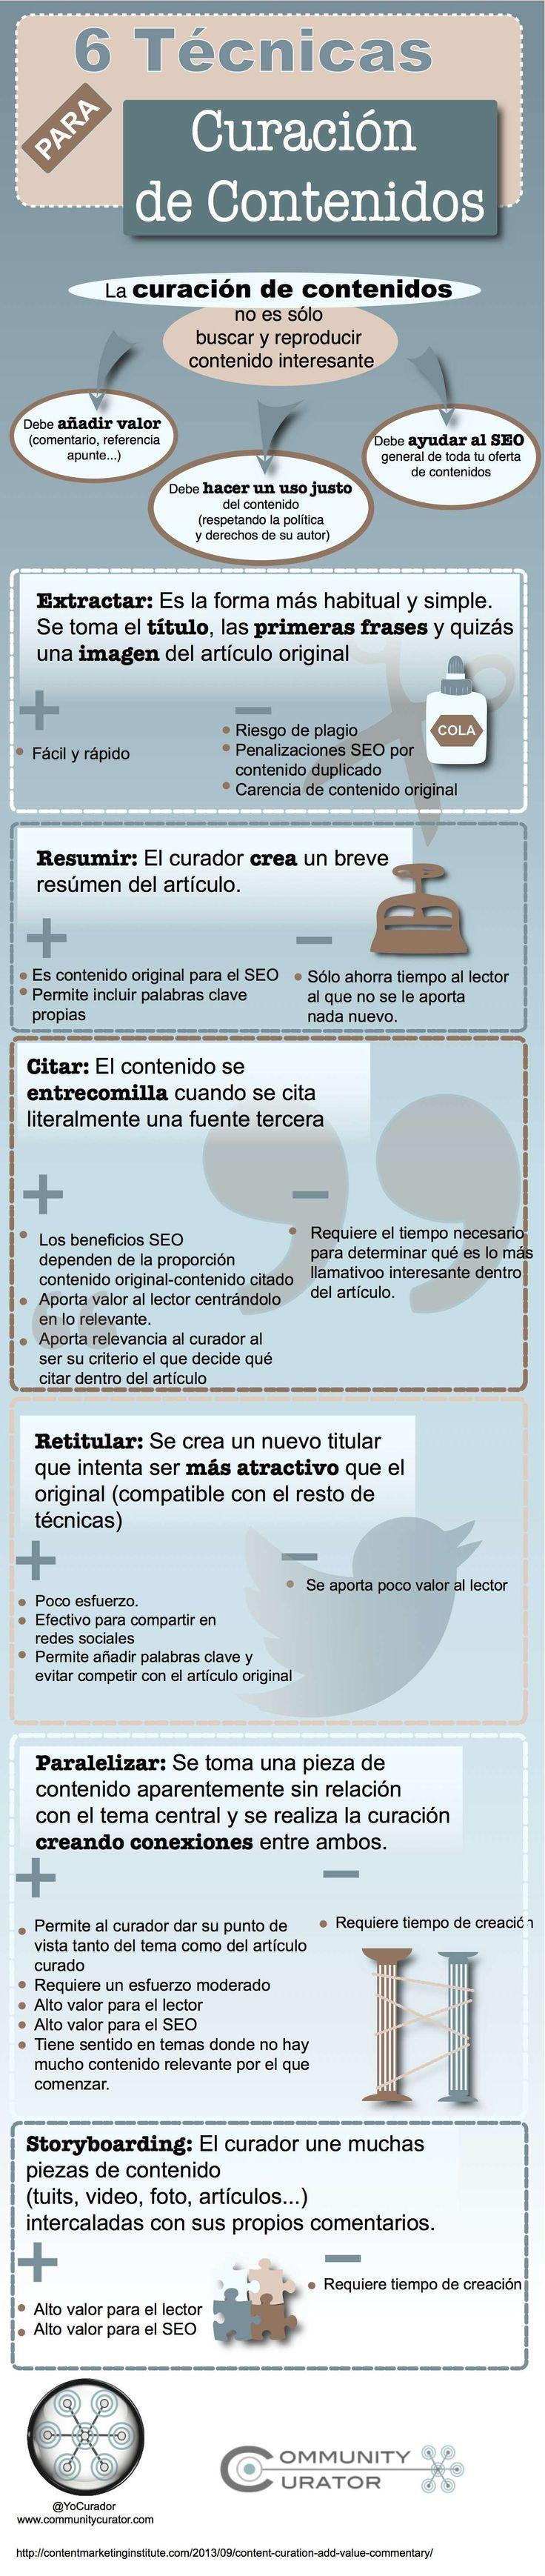 6 técnicas para curación de contenidos. Infografía en español. #CommunityManager